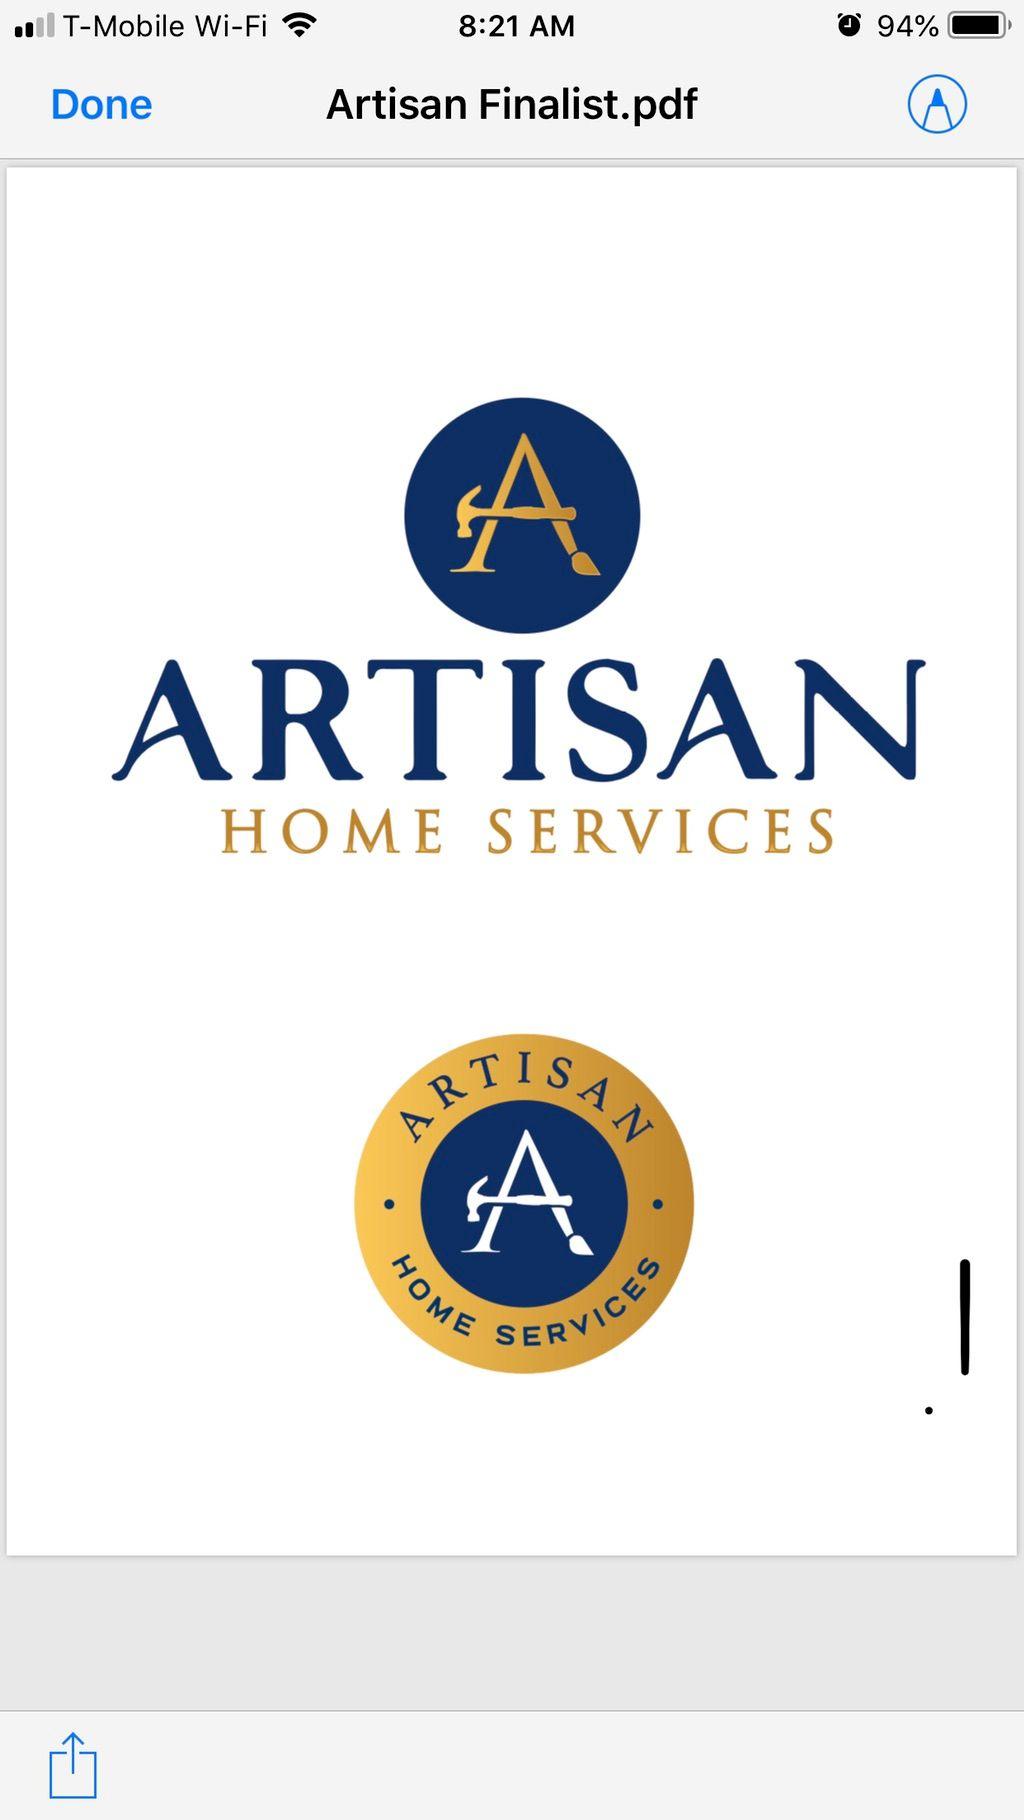 Artisan Home Services